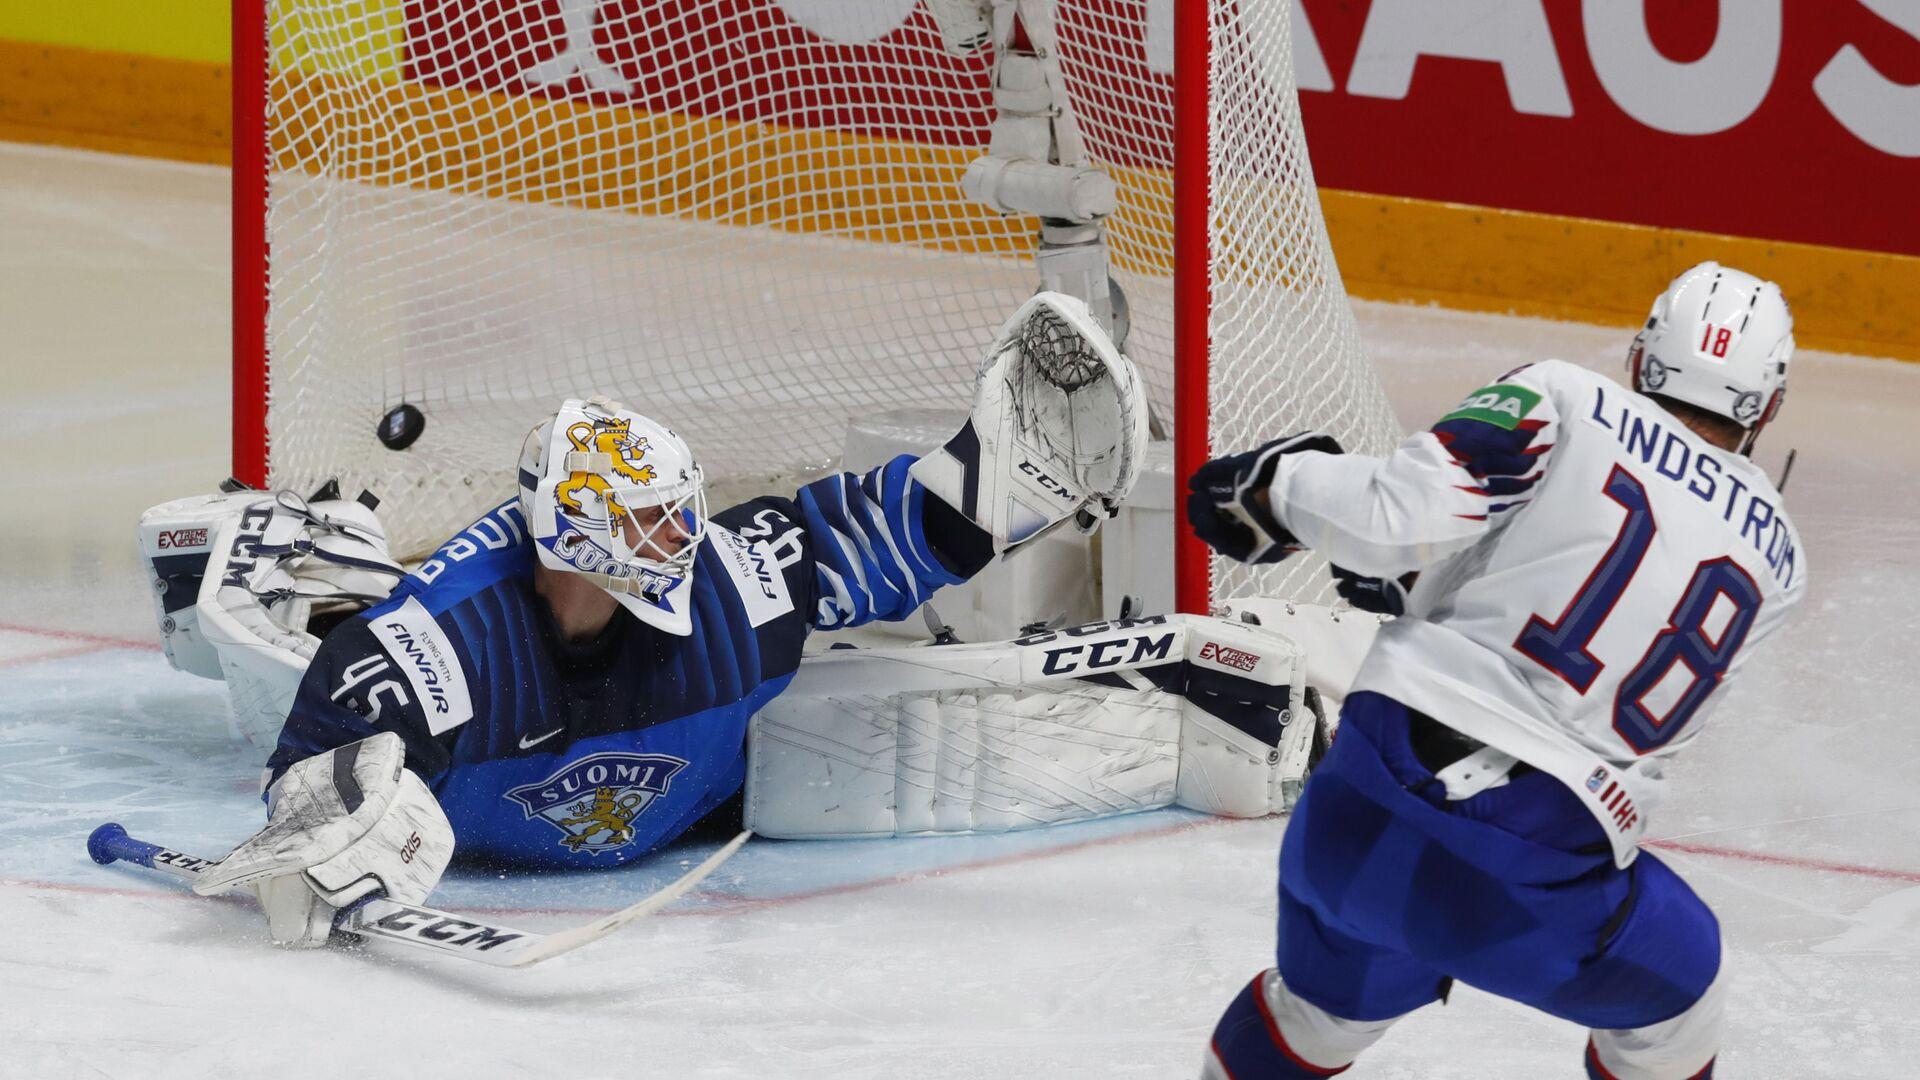 Vrchol emocí. Nejvýraznější záběry z Mistrovství světa v ledním hokeji 2021 - Sputnik Česká republika, 1920, 05.06.2021